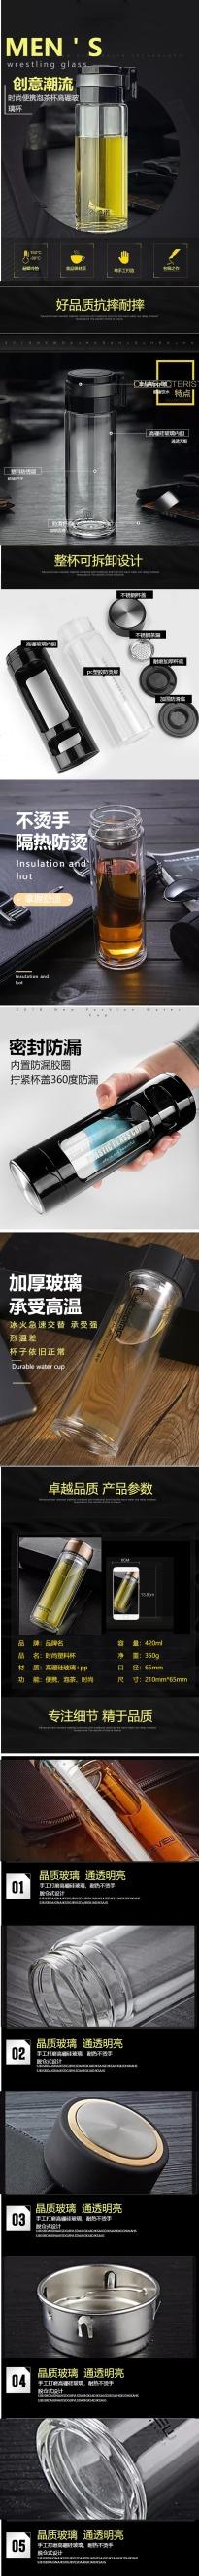 时尚潮流泡茶杯电商详情页